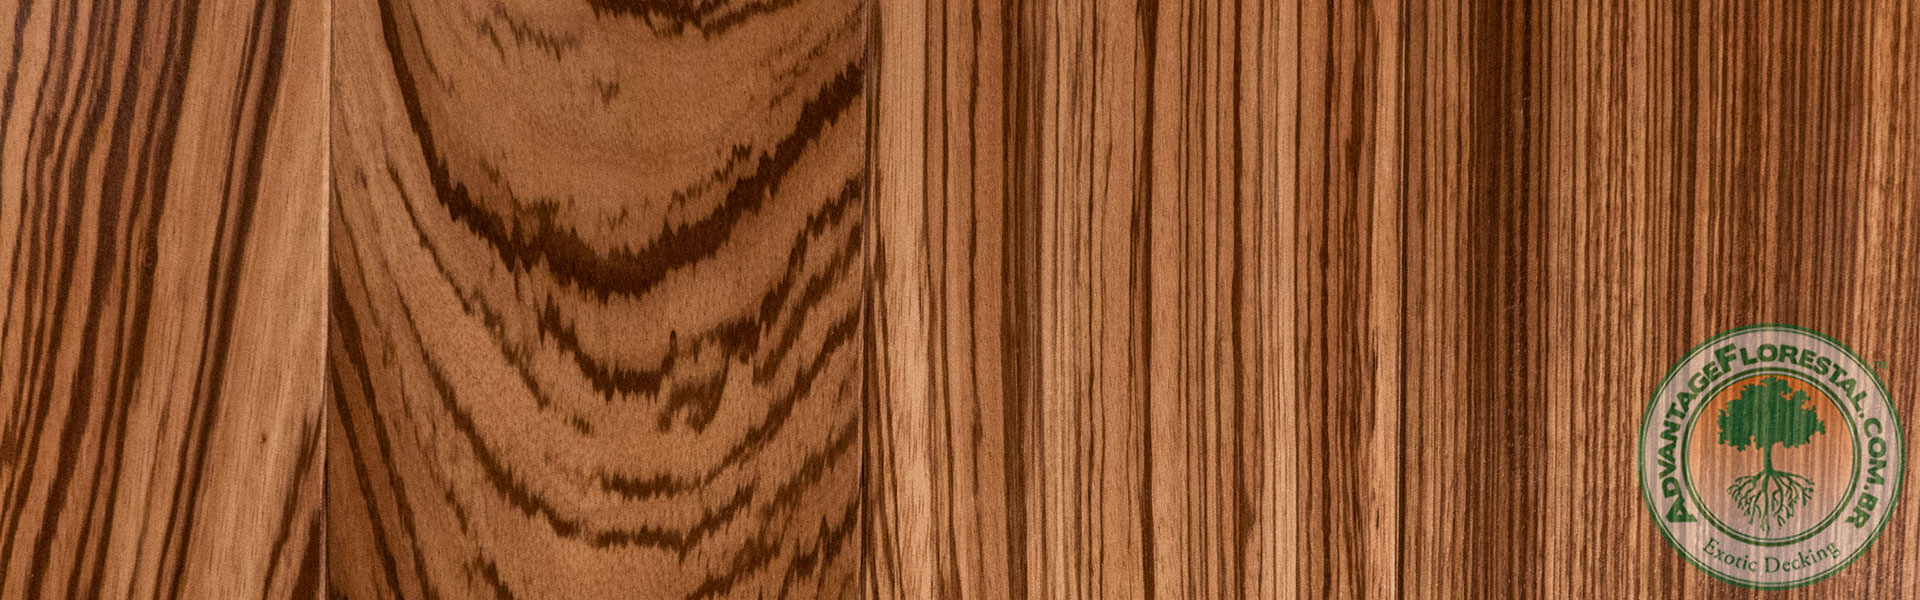 Wholesale Zebrawood Hardwood Flooring